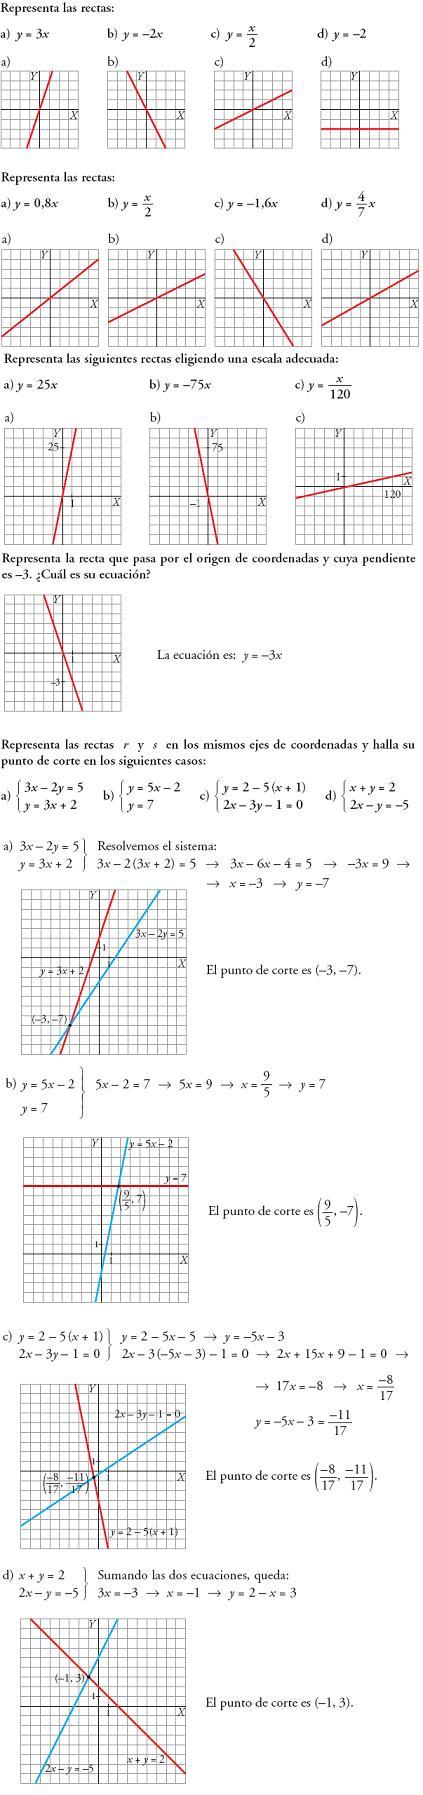 Matemáticas. Representación de rectas